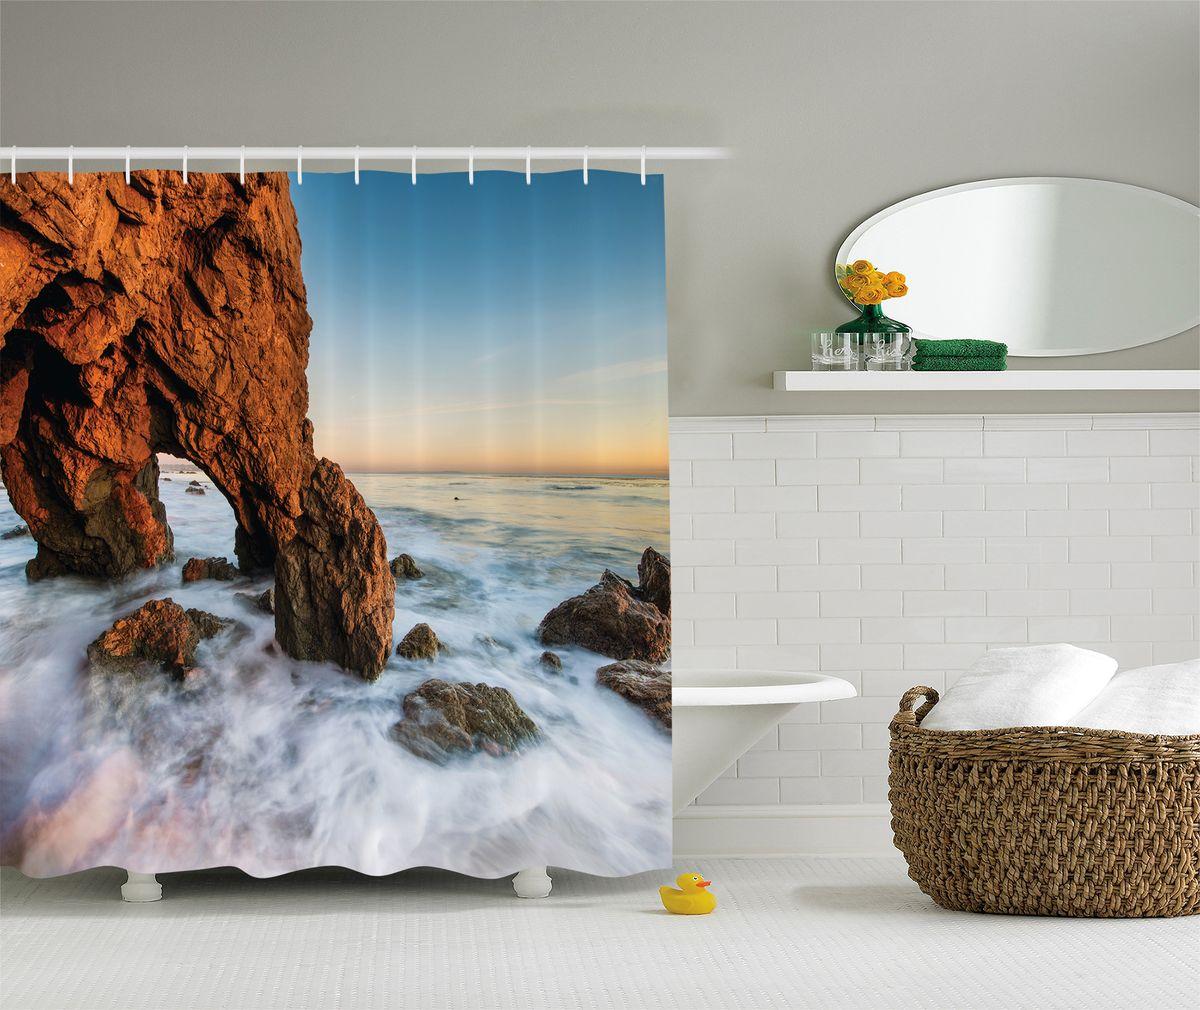 Штора для ванной комнаты Magic Lady Скала в пенном море, 180 х 200 смшв_8243Штора Magic Lady Скала в пенном море, изготовленная из высококачественного сатена (полиэстер 100%), отлично дополнит любой интерьер ванной комнаты. При изготовлении используются специальные гипоаллергенные чернила для прямой печати по ткани, безопасные для человека. В комплекте: 1 штора, 12 крючков. Обращаем ваше внимание, фактический цвет изделия может незначительно отличаться от представленного на фото.